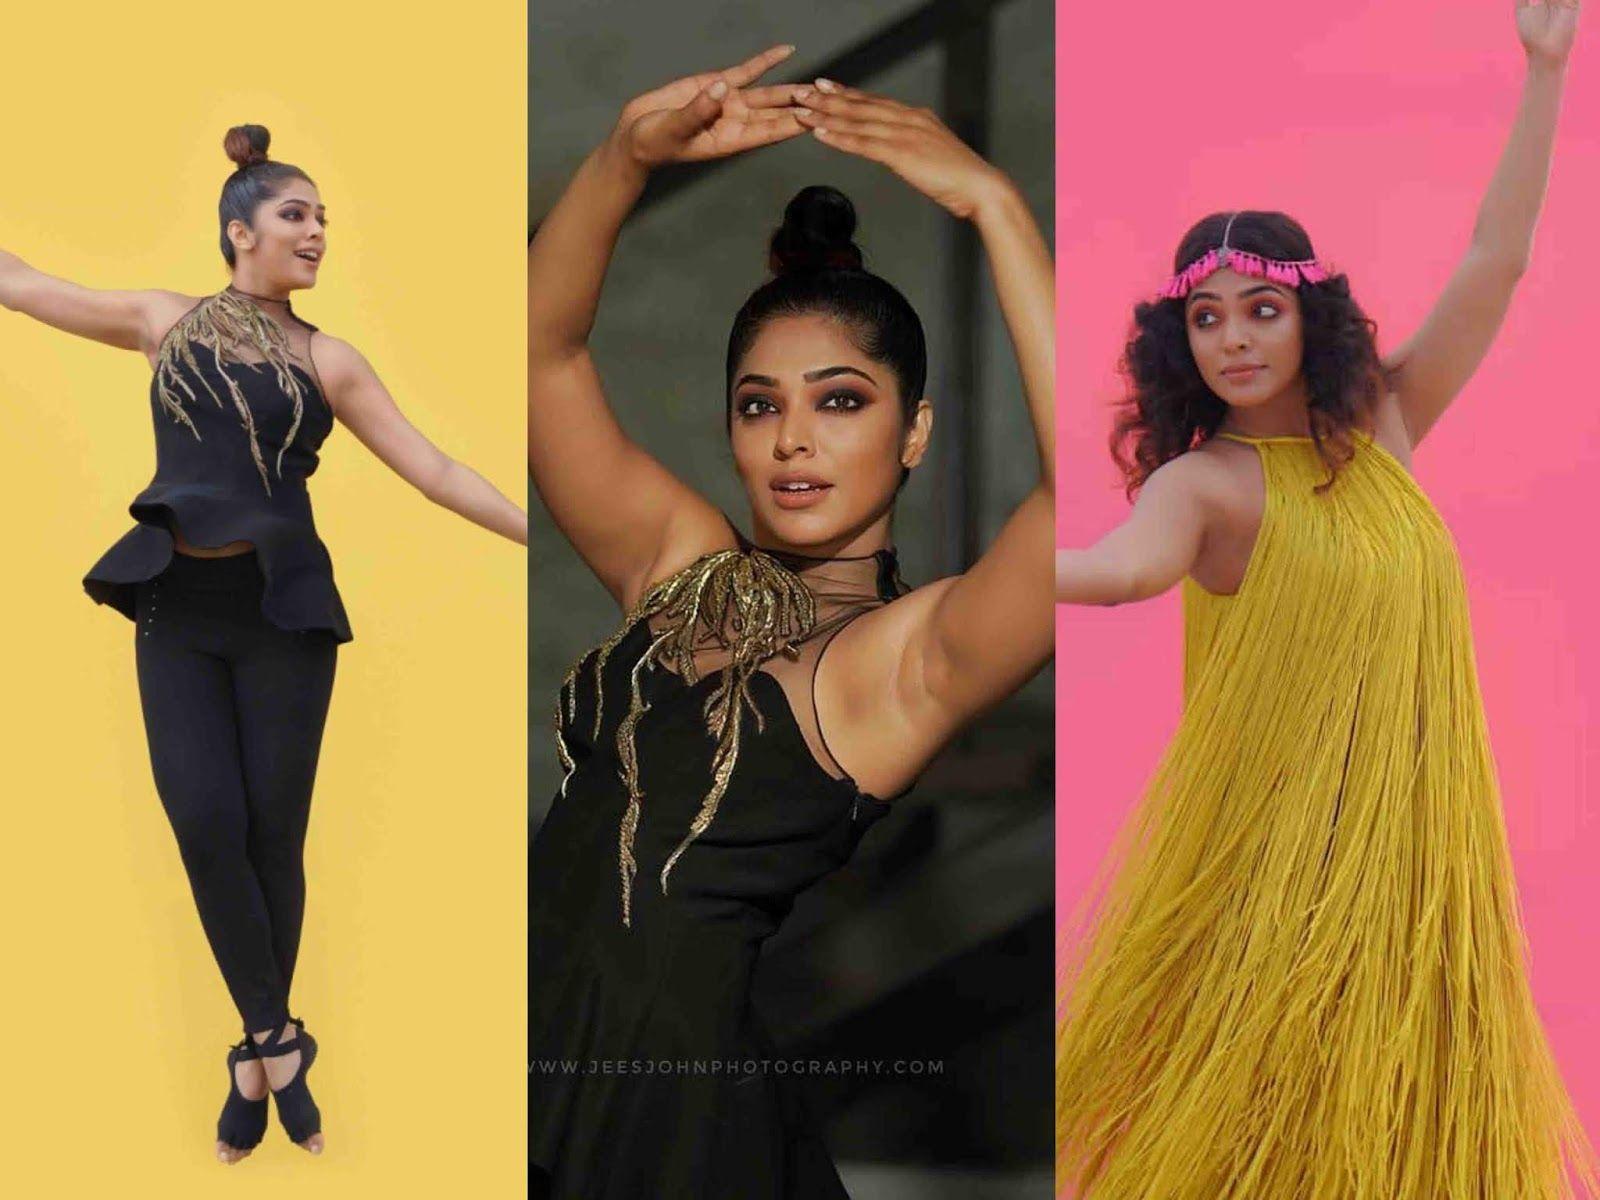 Actress Navel Actress Pics Indian Actresses Hot Actresses Hd Photos Pictures